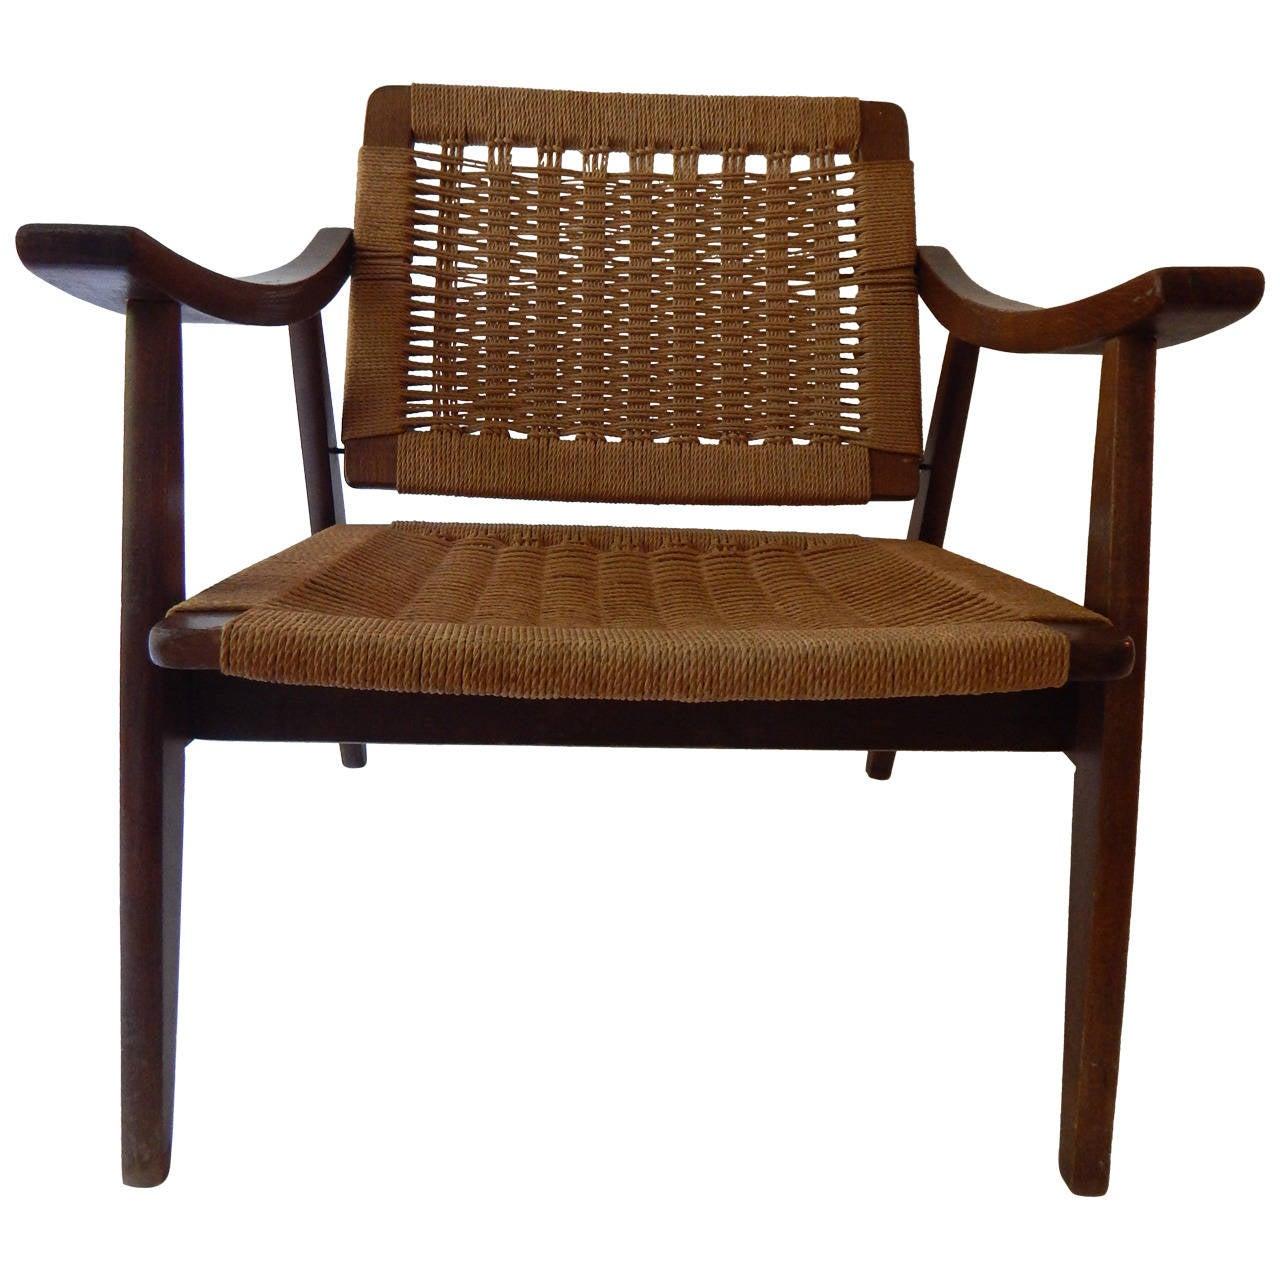 Hans wegner style woven chair at 1stdibs - Hans wegner style chair ...